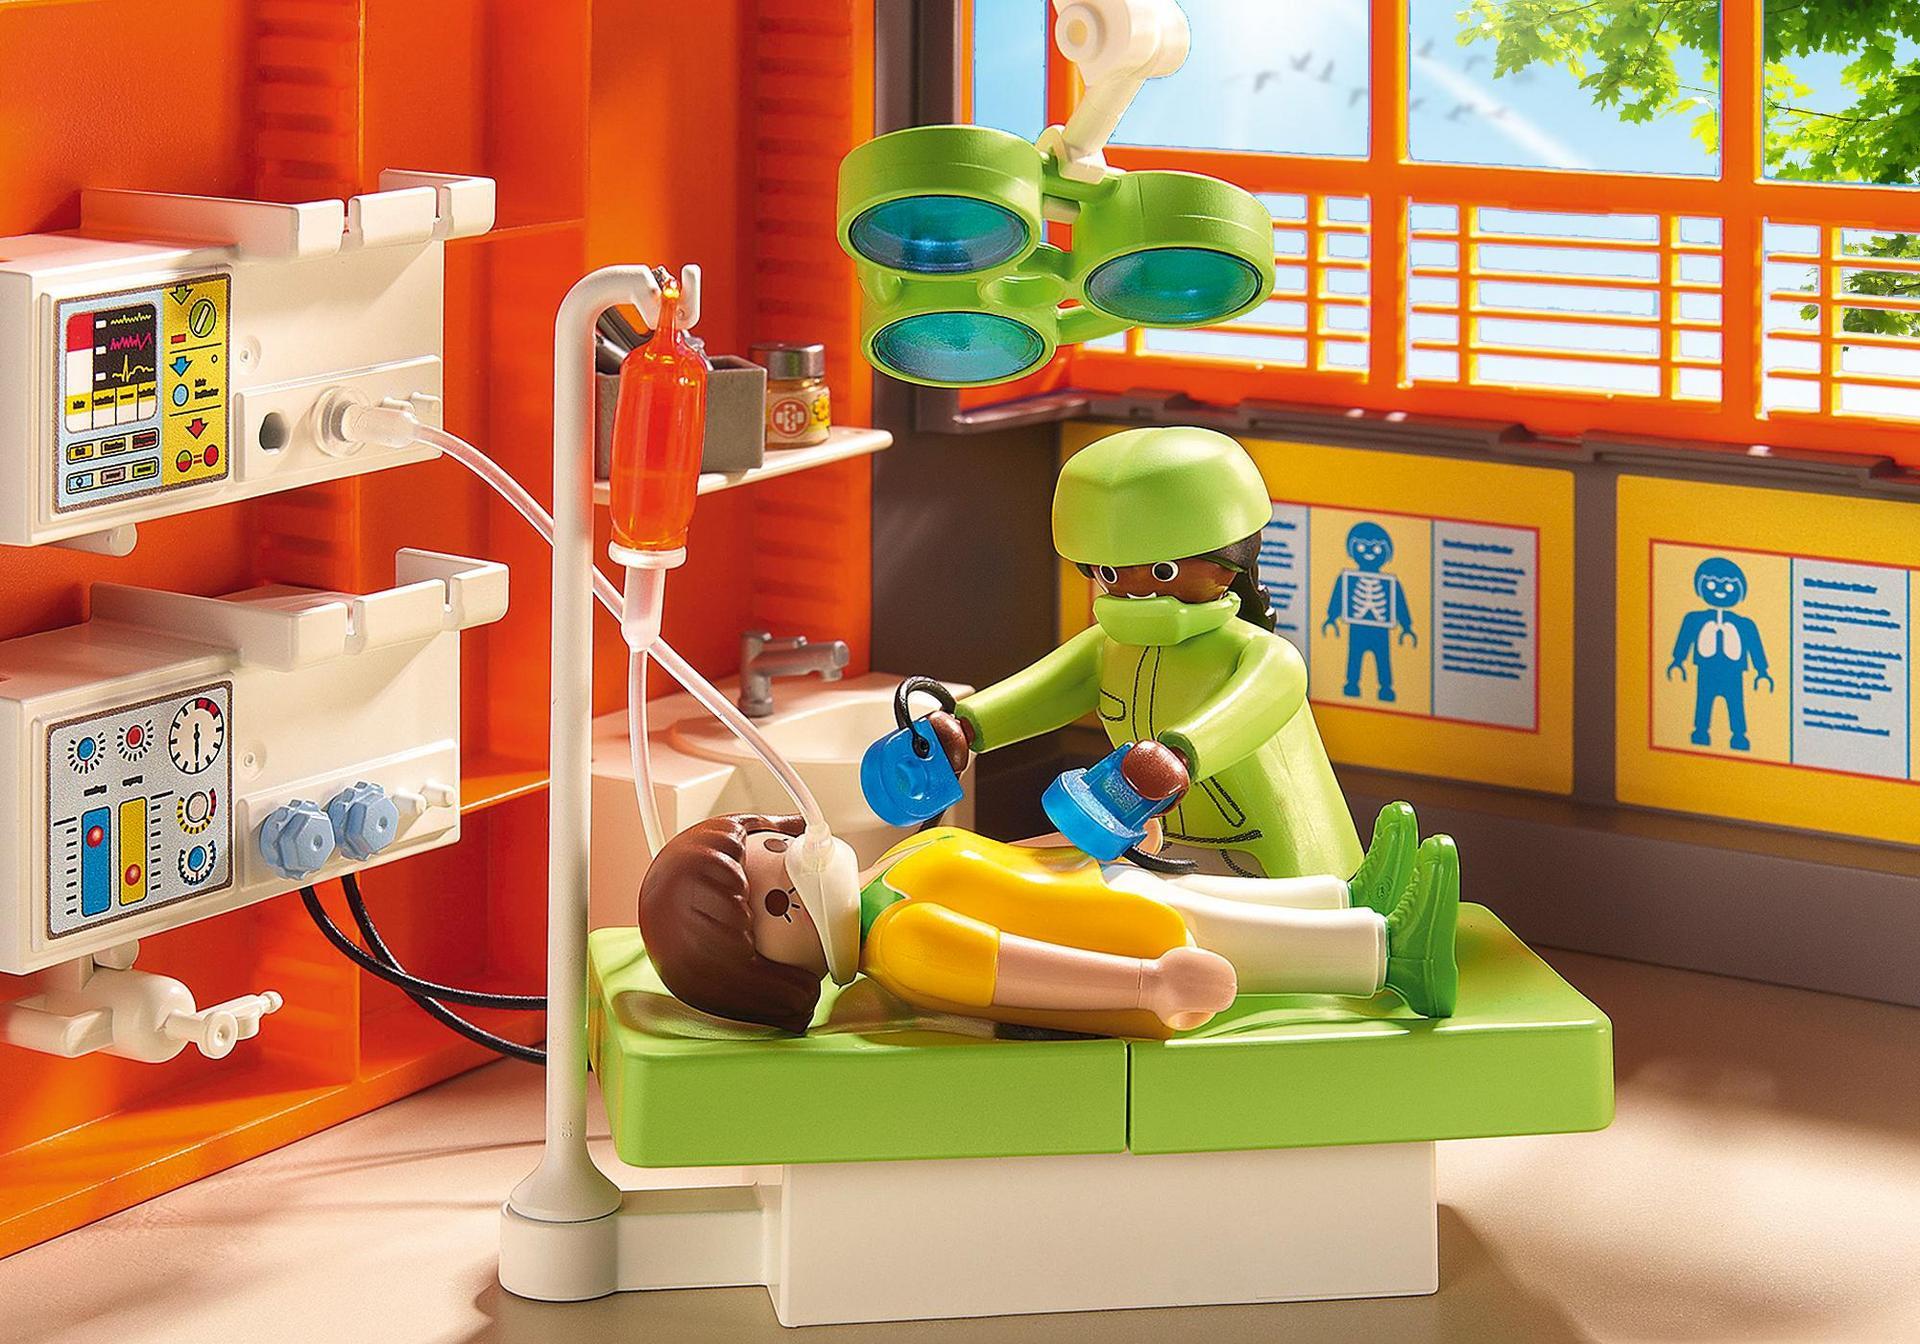 Kinderklinik mit Einrichtung - 6657 - PLAYMOBIL® Deutschland